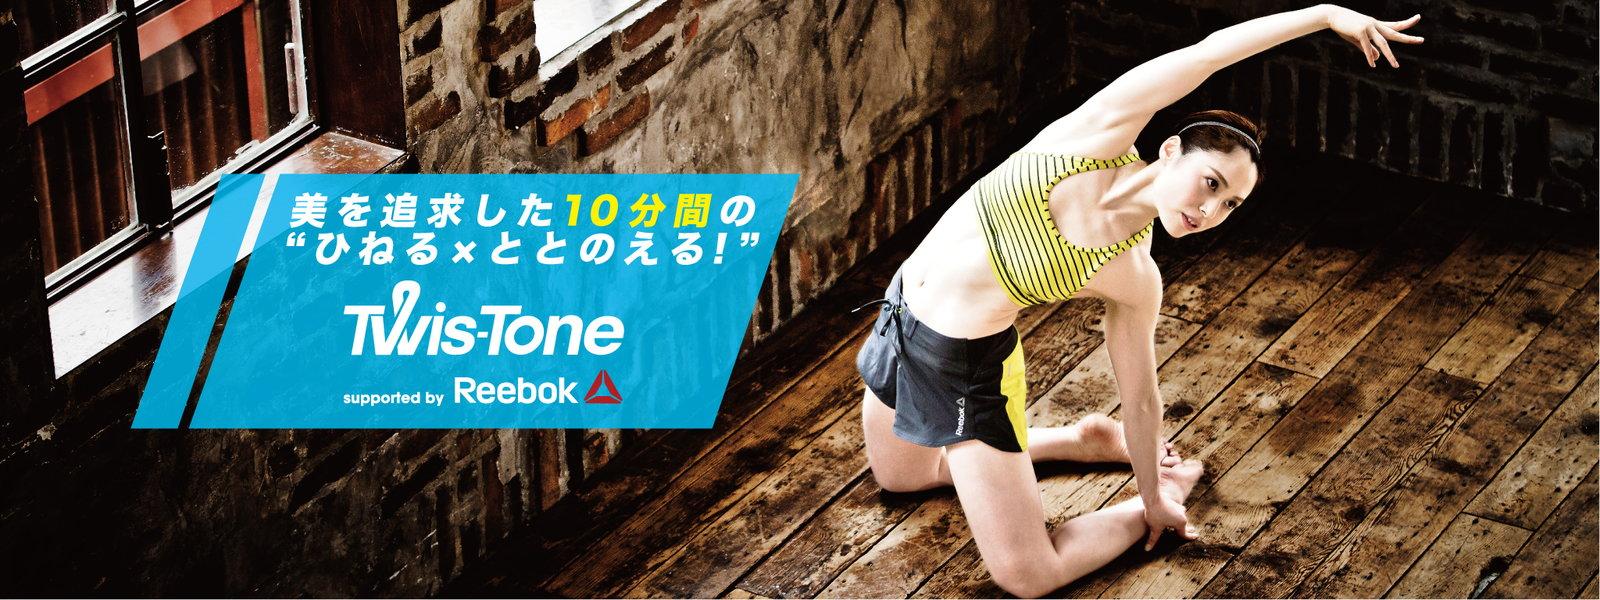 """美を追求した10分間の """"ひねる×ととのえる!"""" Twis-Tone supported by Reebok 動画"""